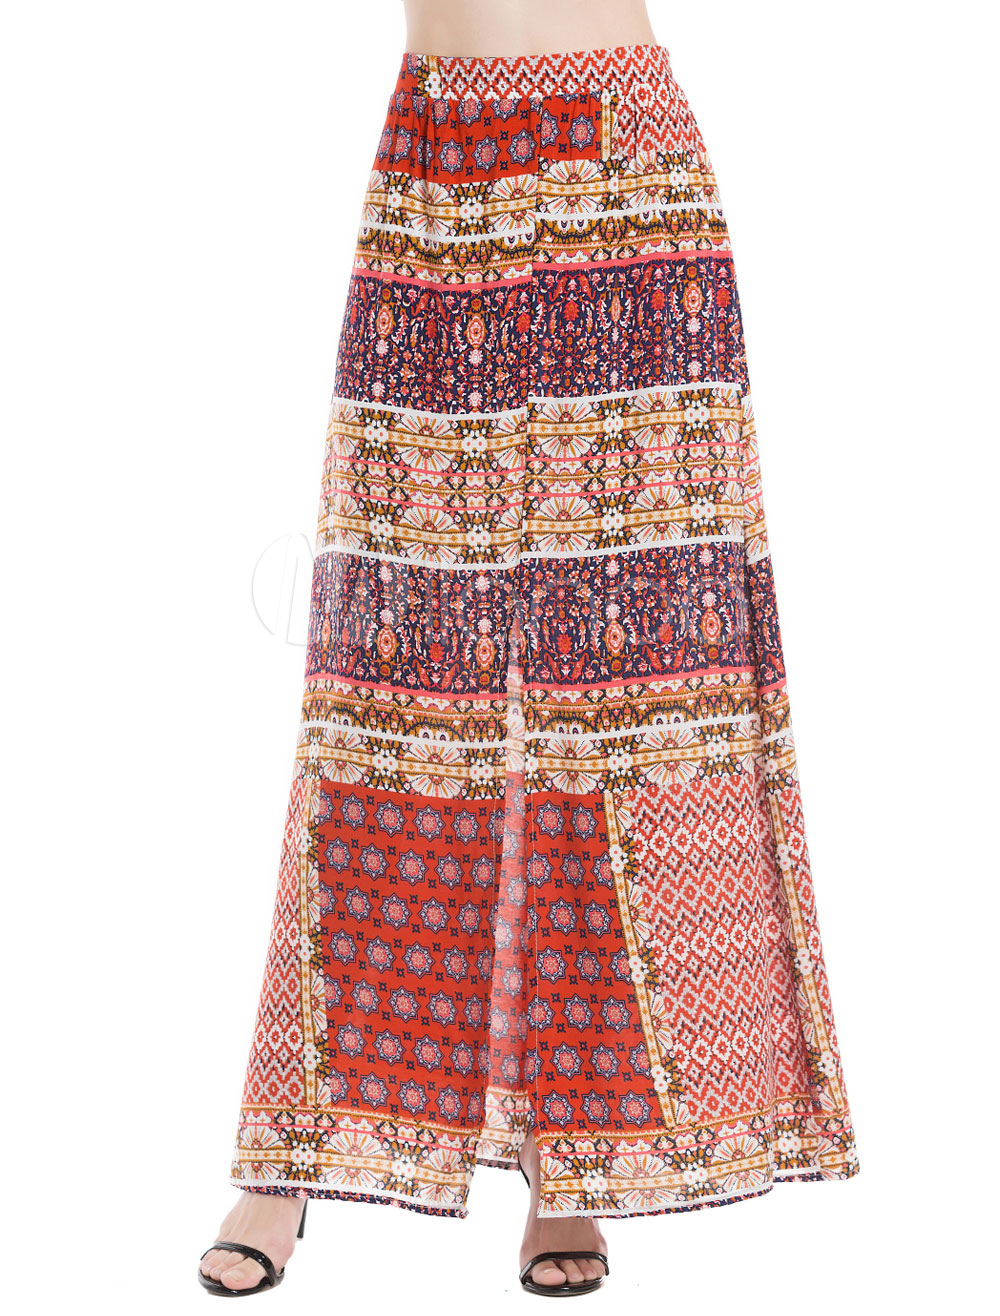 Boho Long Skirt Chiffon Red Printed Skirt For Women